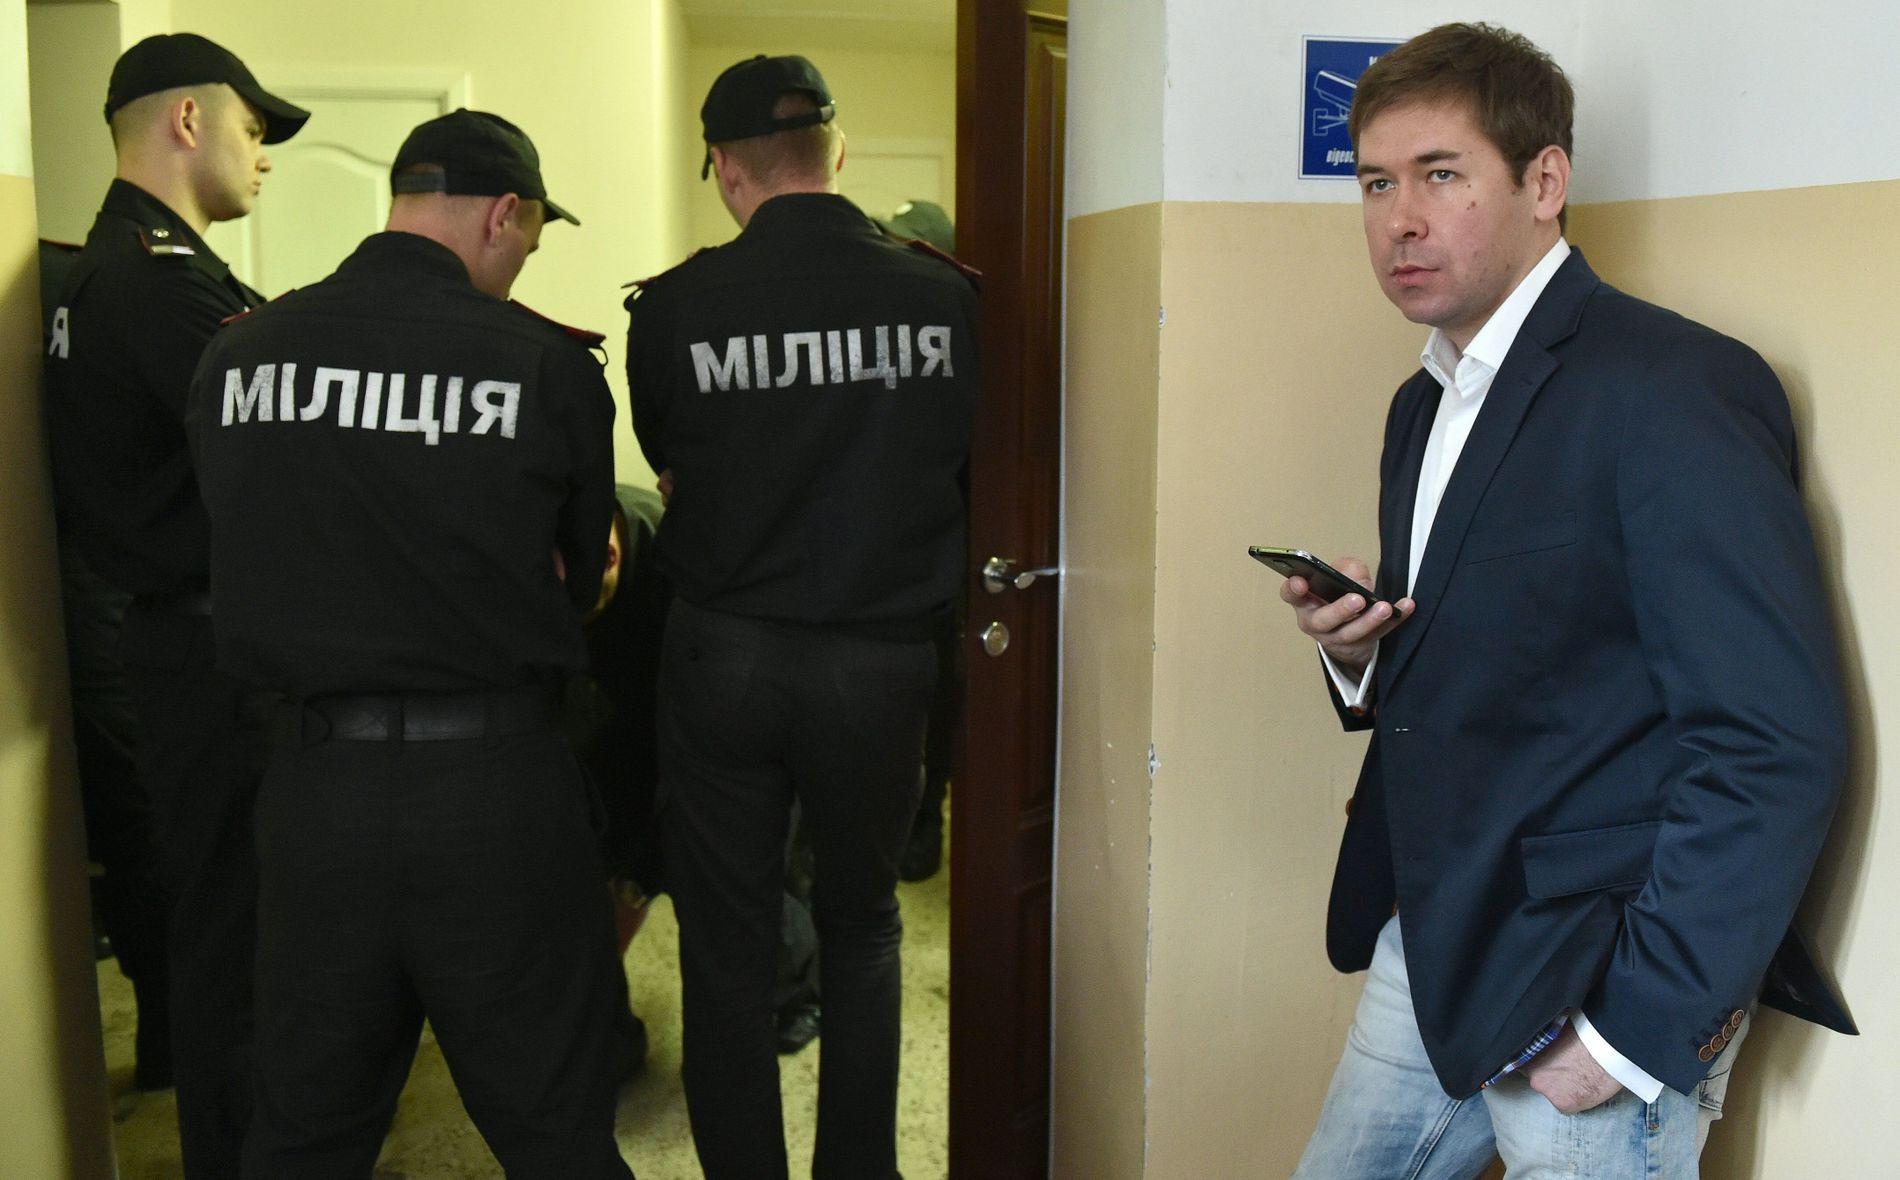 UNG ADVOKAT: Ilja Novikov (til høyre) er bare 35 år, men har allerede utmerket seg som en dyktig advokat i Russland. Her er han fotografert i Ukraina i forbindelse med en sak han førte der.